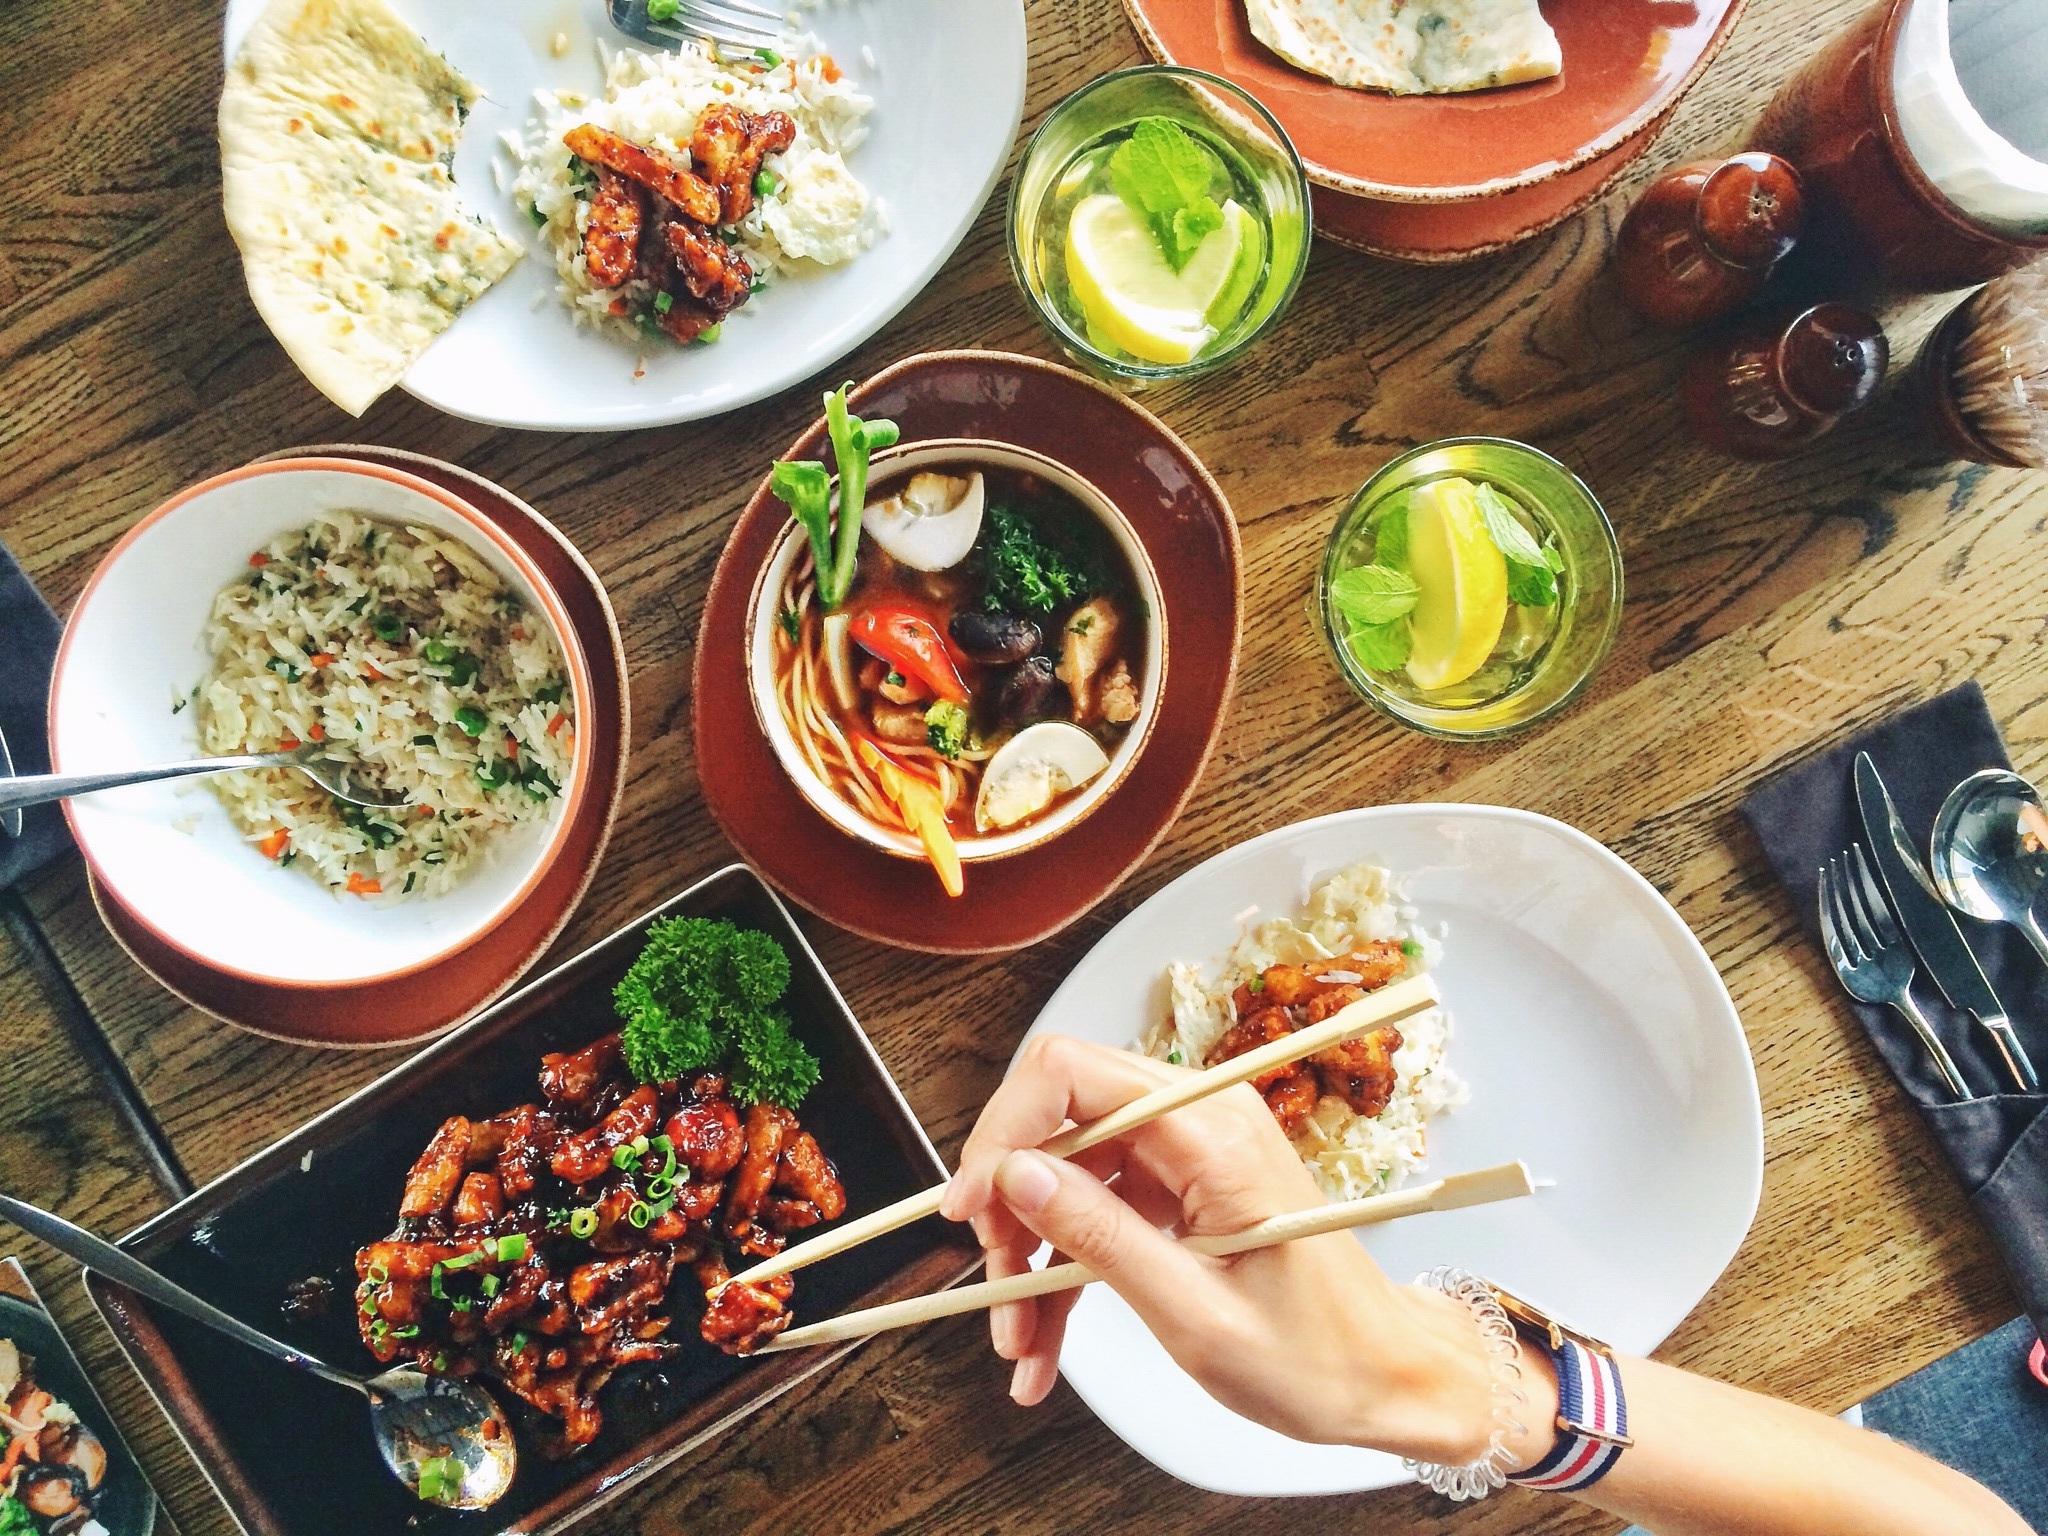 وبلاگ نویسی غذایی